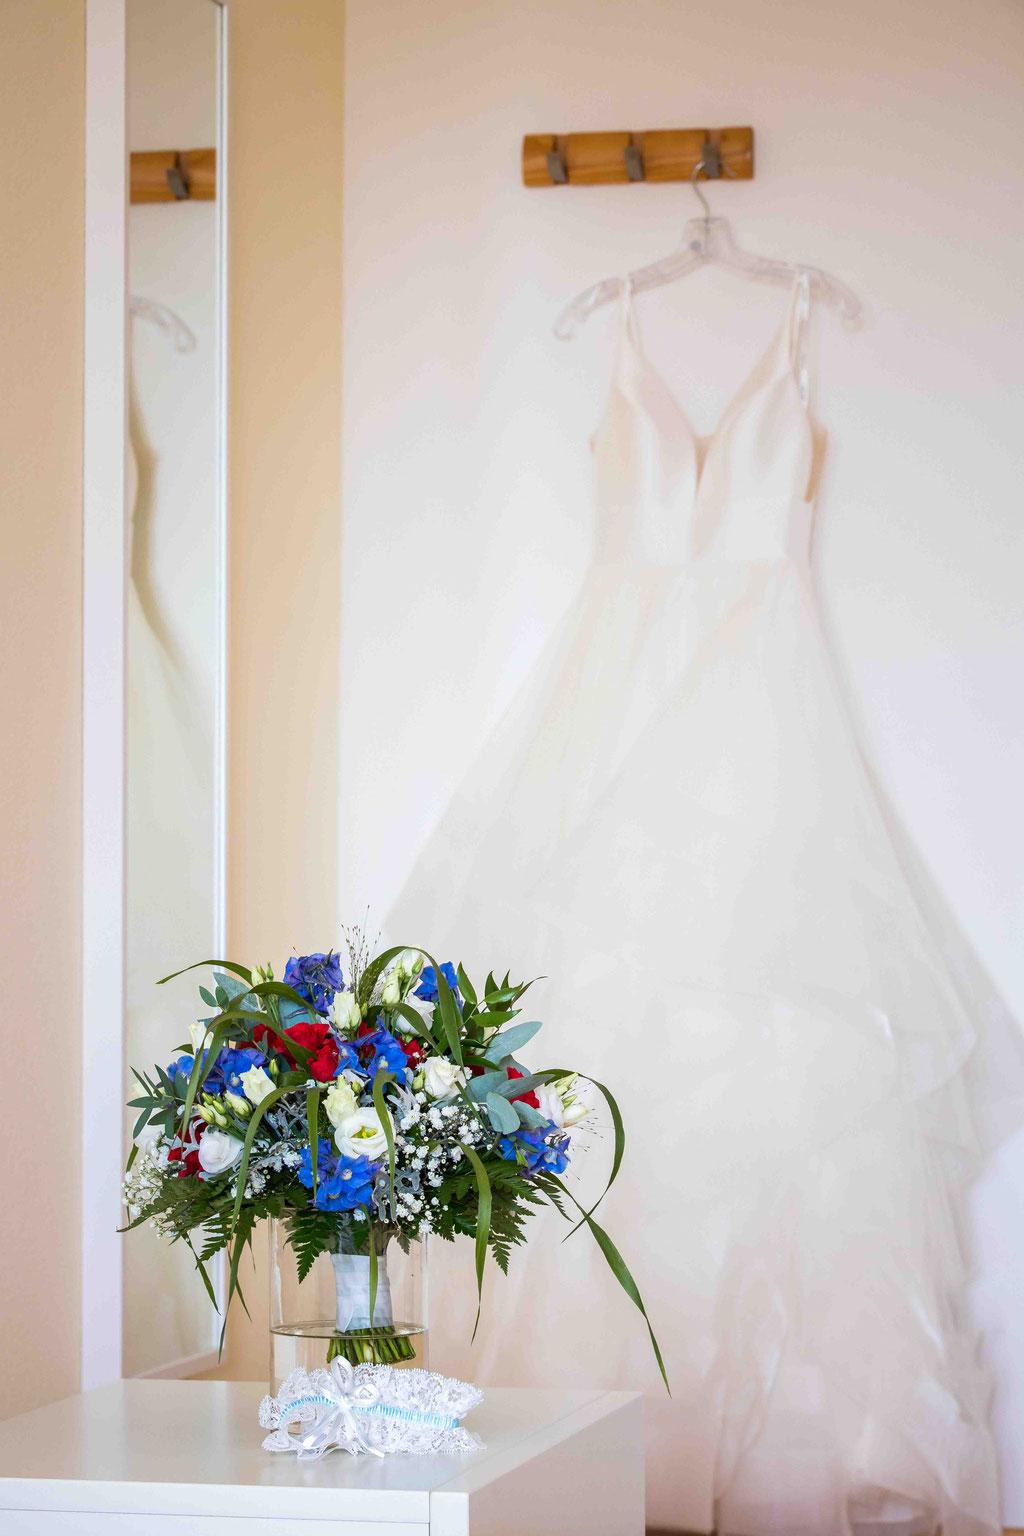 Hofgut Donnersberg, Außerhalb 3, 55578 Vendersheim, Hochzeitsfotograf, Hochzeitsbilder, Hochzeitsfoto, Getting Ready, Hochzeitskleid, Hochzeitsstrauß, Styling der Braut